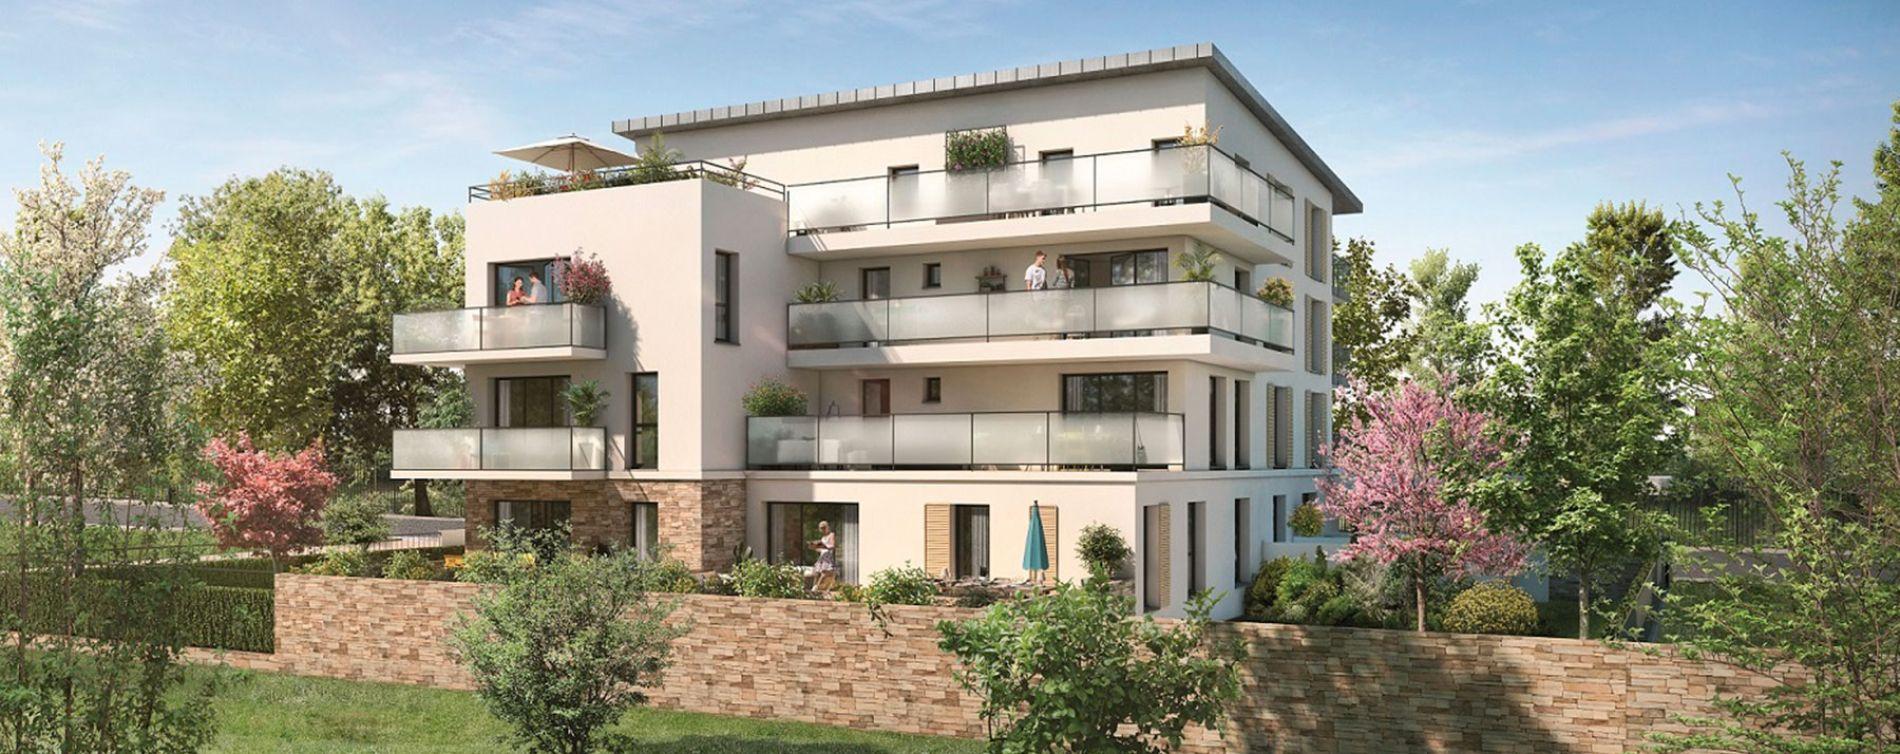 Bois-d'Arcy : programme immobilier neuve « La Châtaigneraie - Appartements » (2)